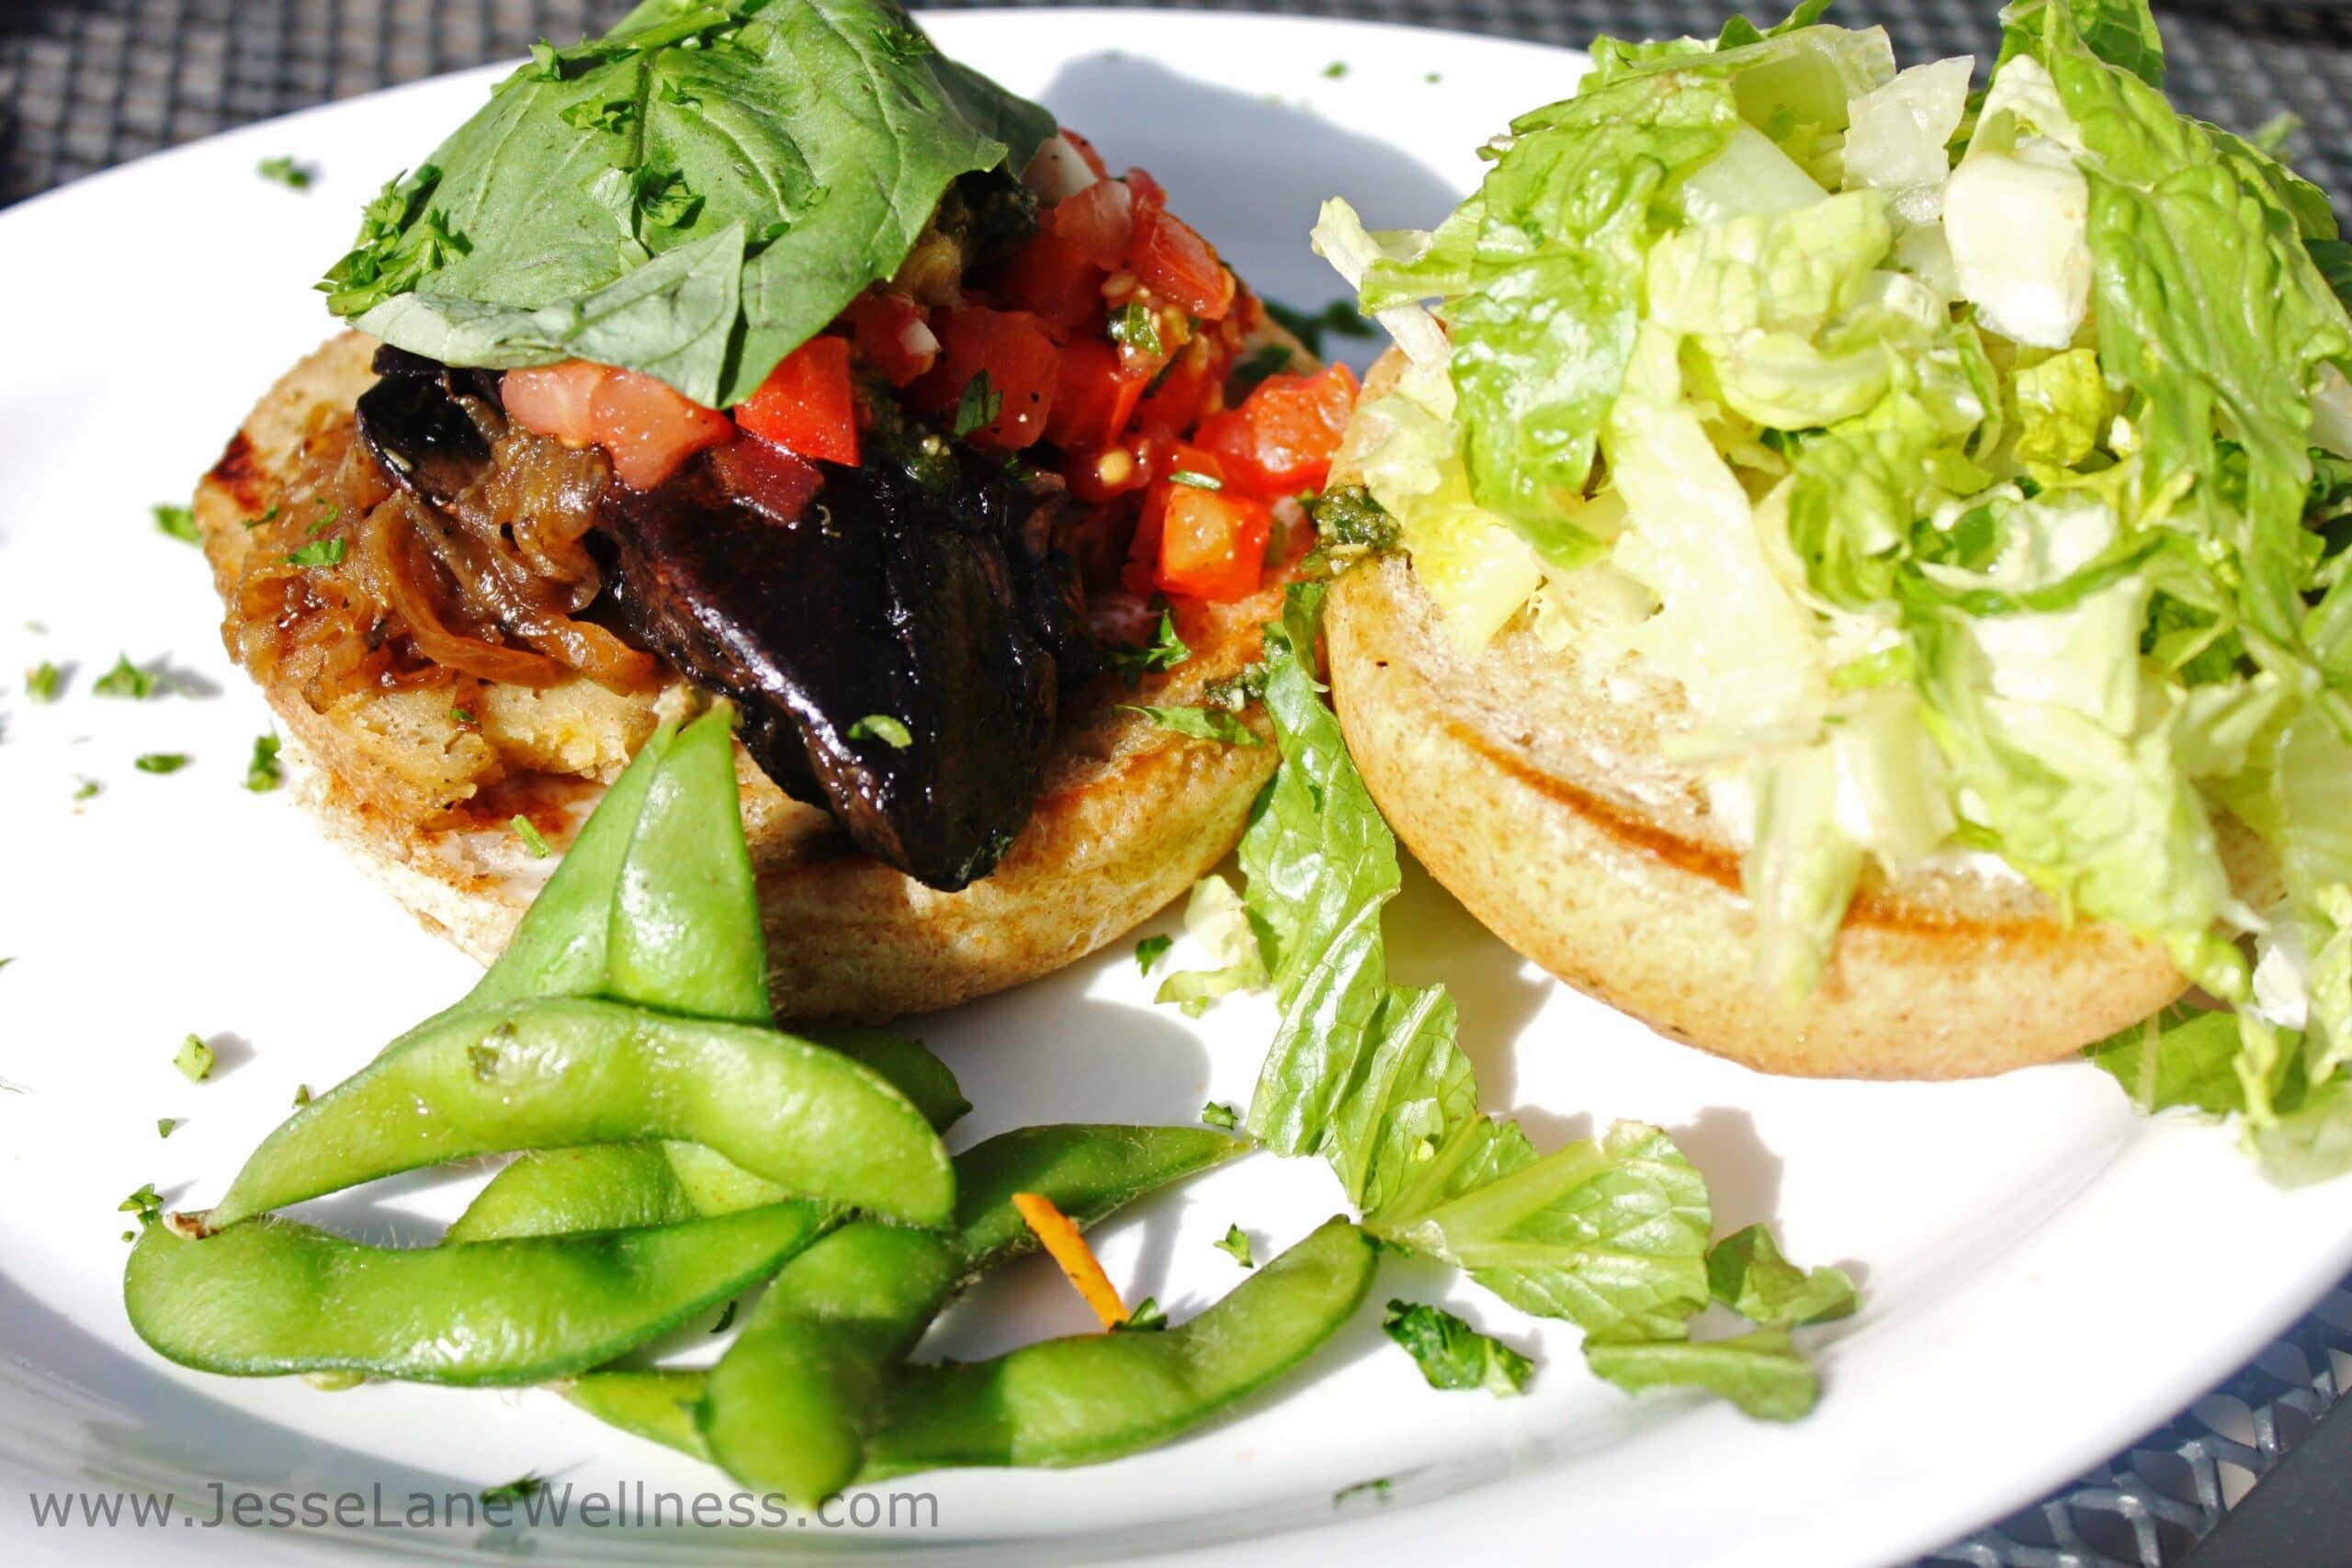 Healthy Restaurants in LA by @JesseLWellness #LAfood